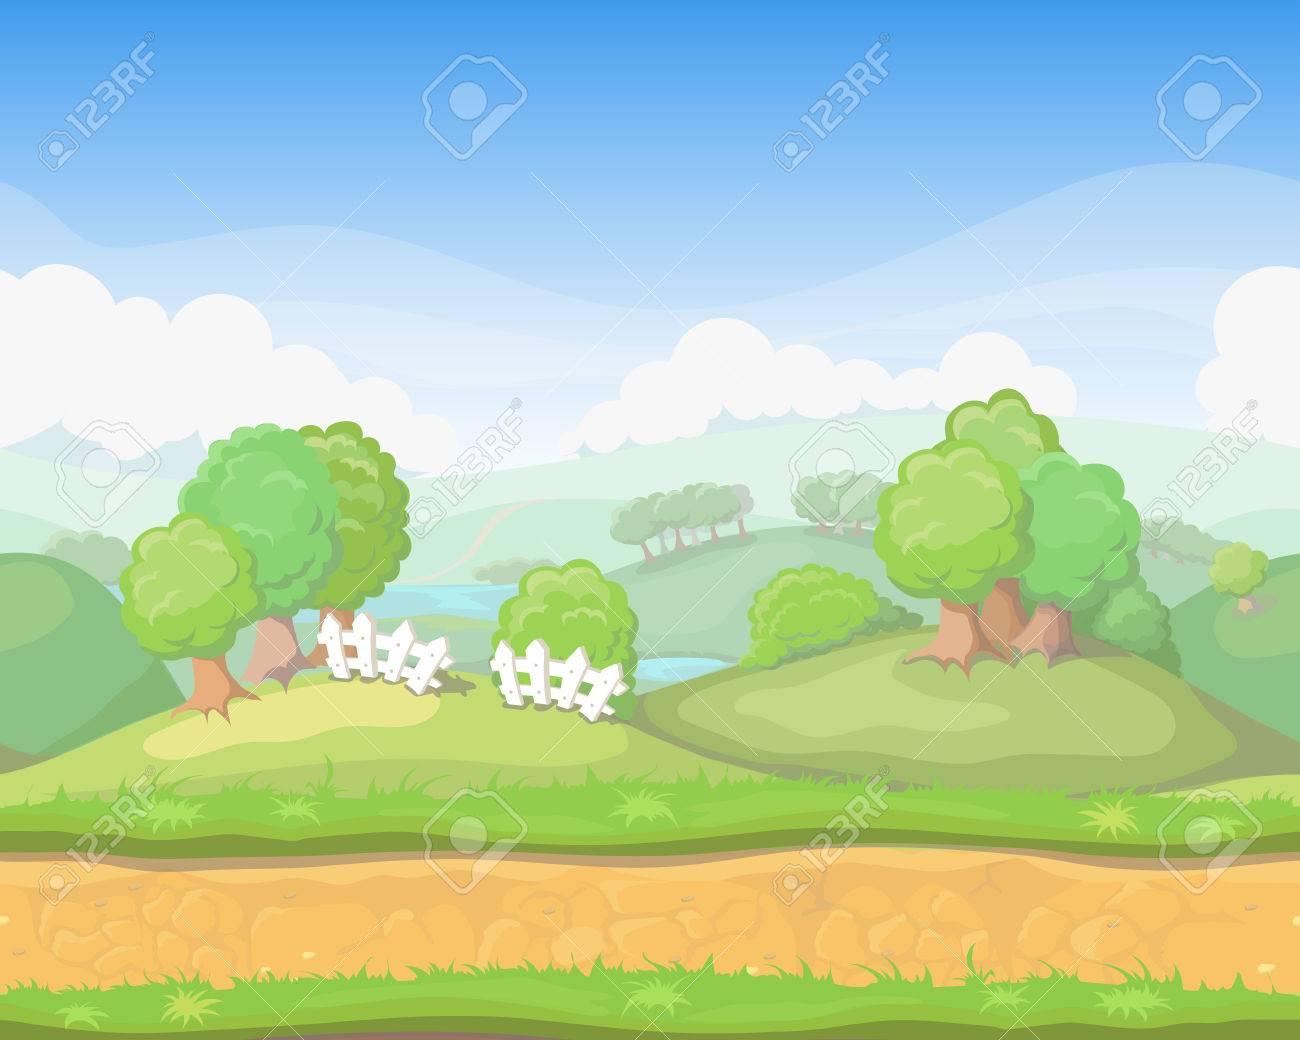 漫画かわいい国シームレス水平風景ゲームの背景イラストのイラスト素材